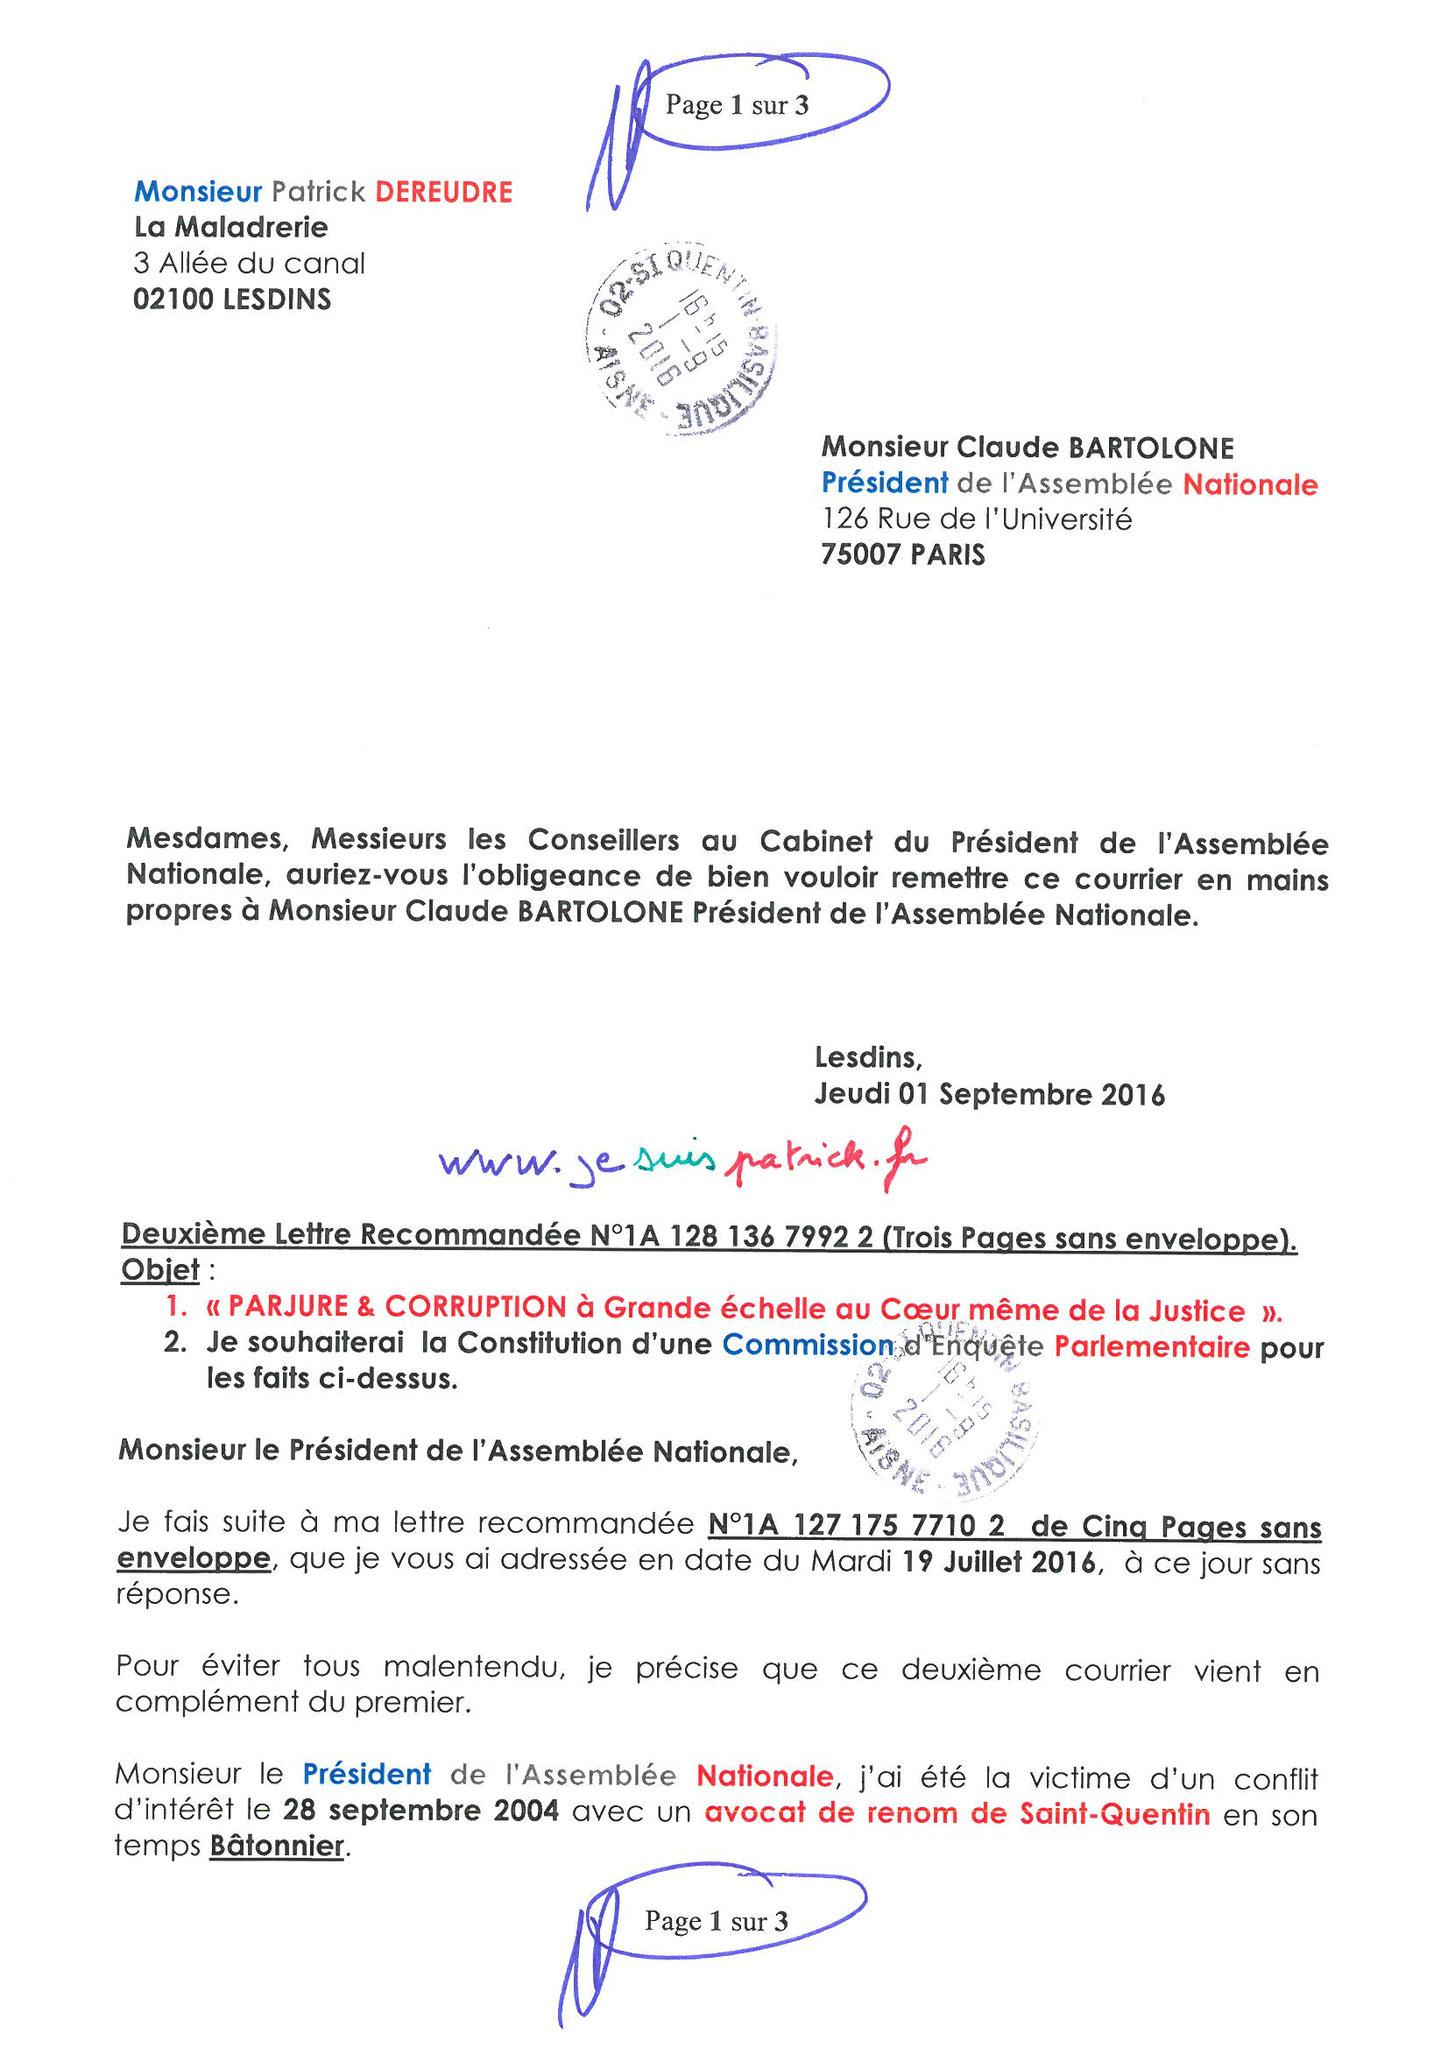 LRAR du 01 Septembre  2016 N°1A 128 136 7992 2 page 1 sur 3  à  Monsieur le Président de l'Assemblée Nationale Commission d'Enquête Parlementaire site www.jesuispatrick.fr